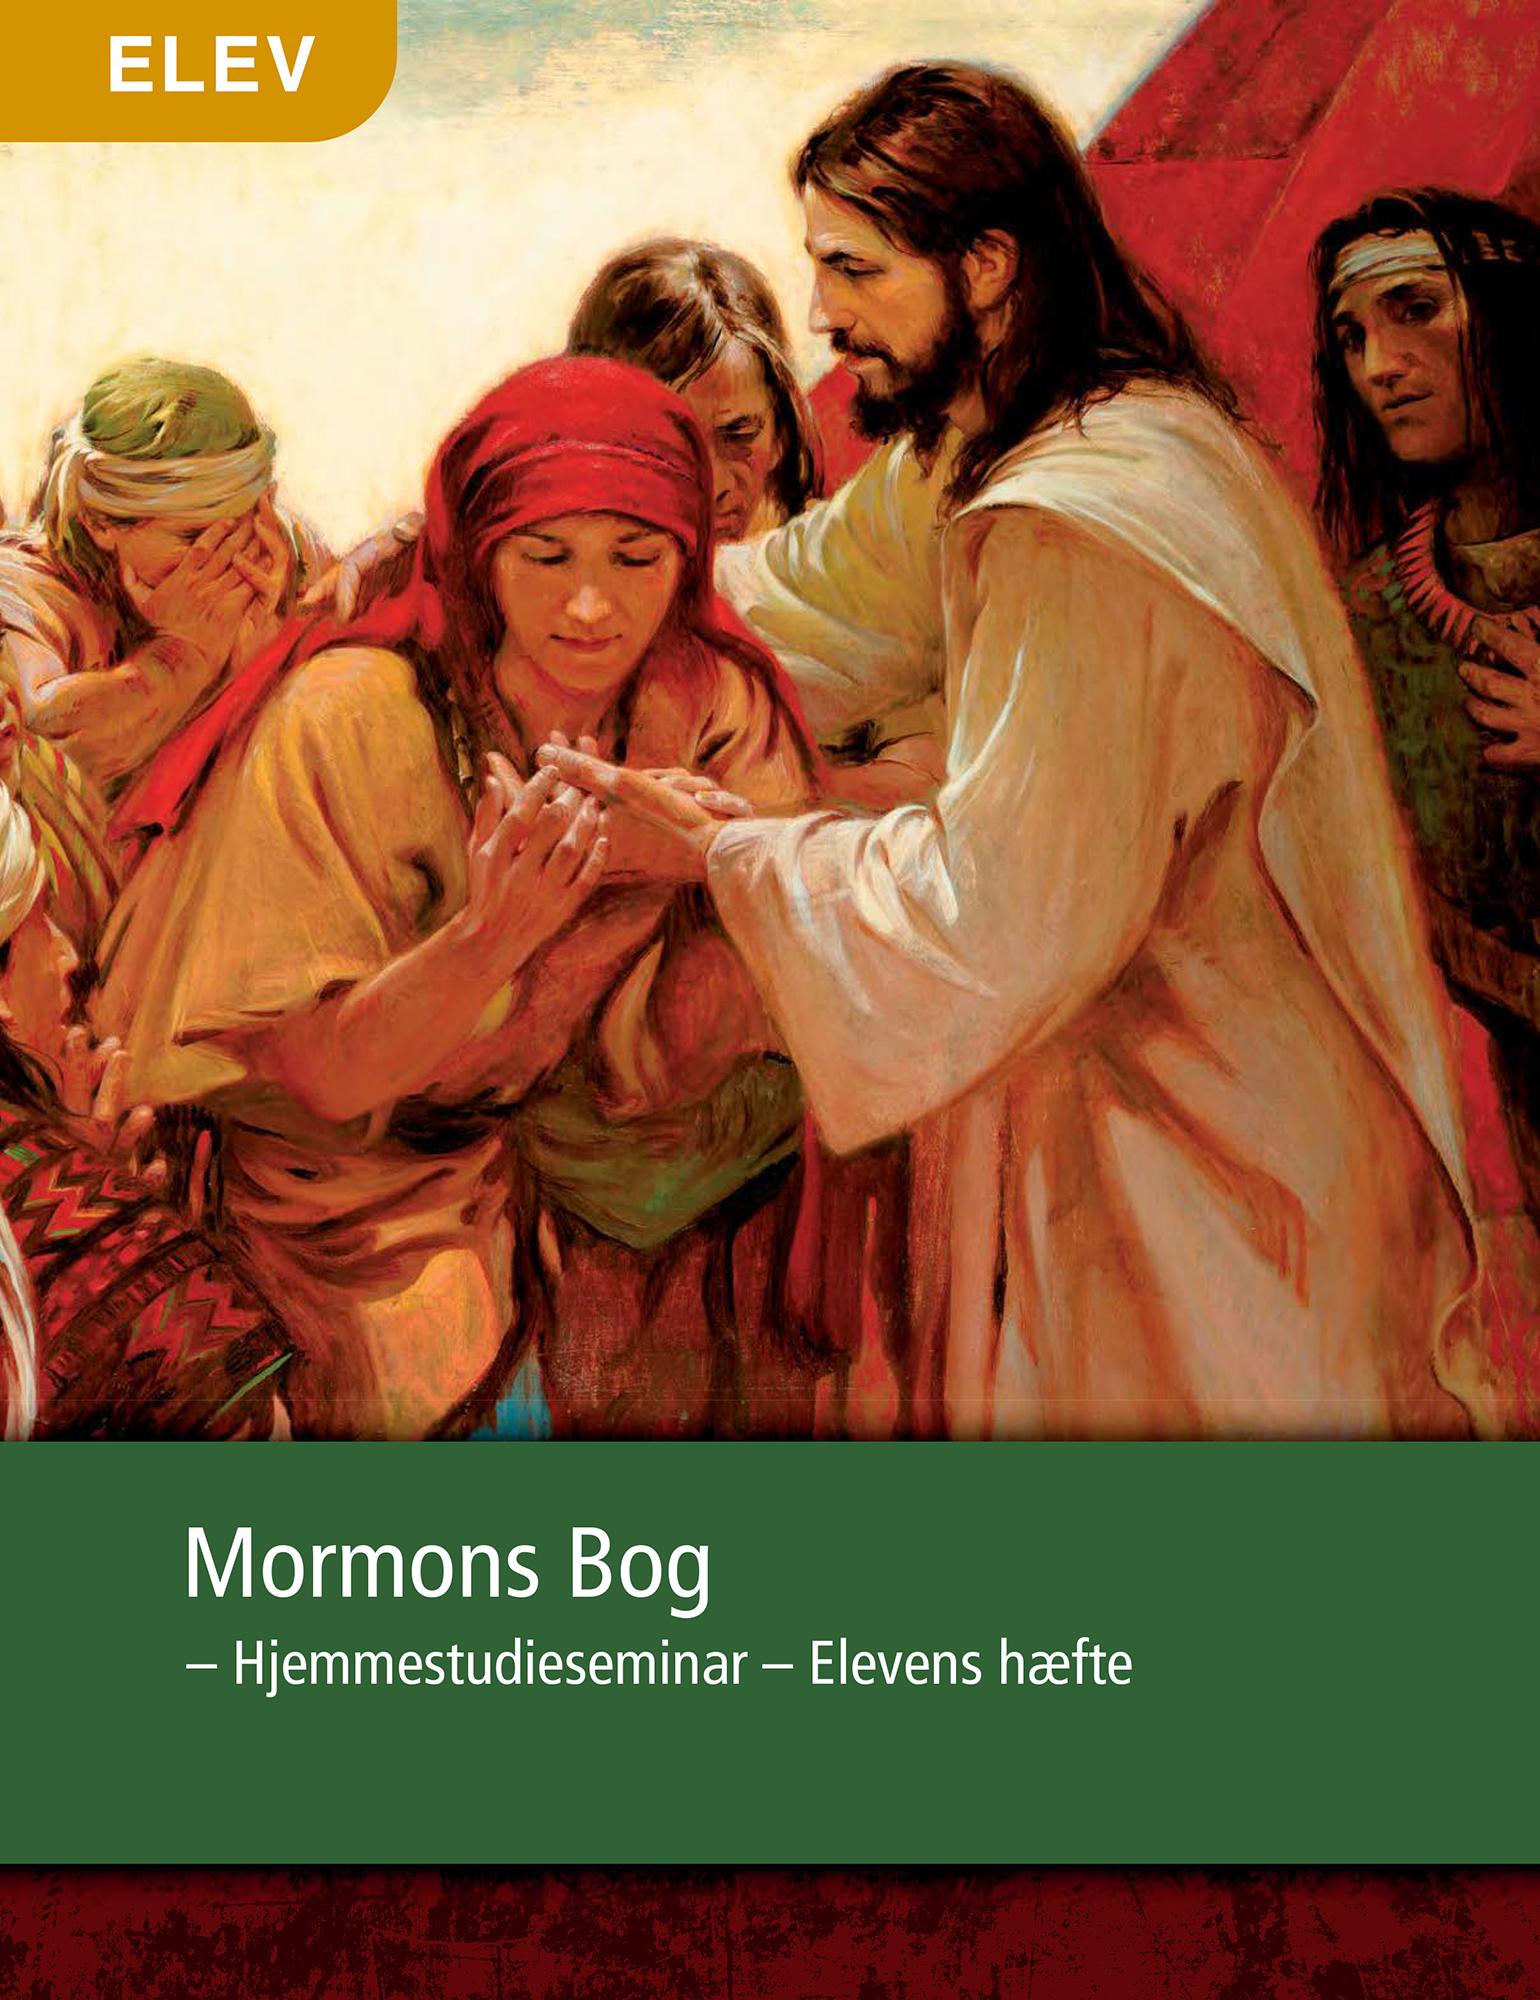 Mormons Bog – Hjemmestudieseminar – Elevens hæfte